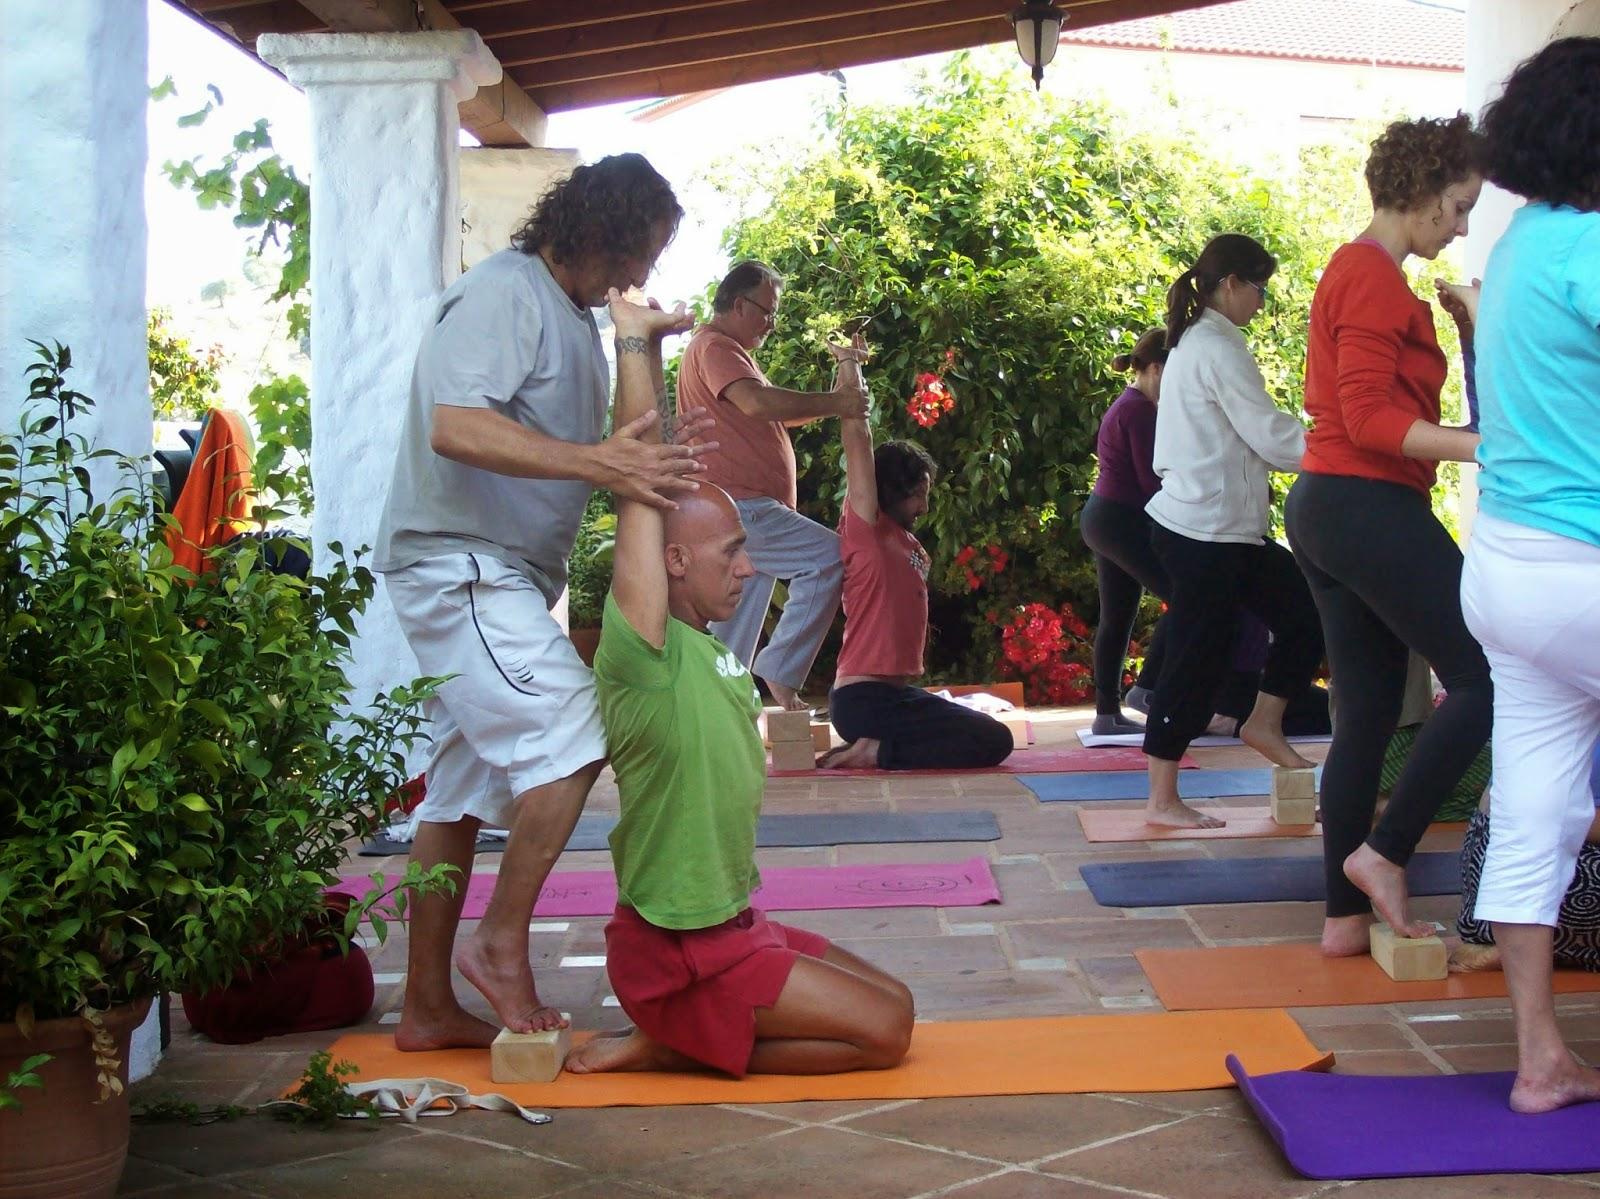 Yoga sala m laga recuerda retiro happy detox lleg el oto o el 11 12 y 13 de octubre en el - Clases de yoga en casa ...